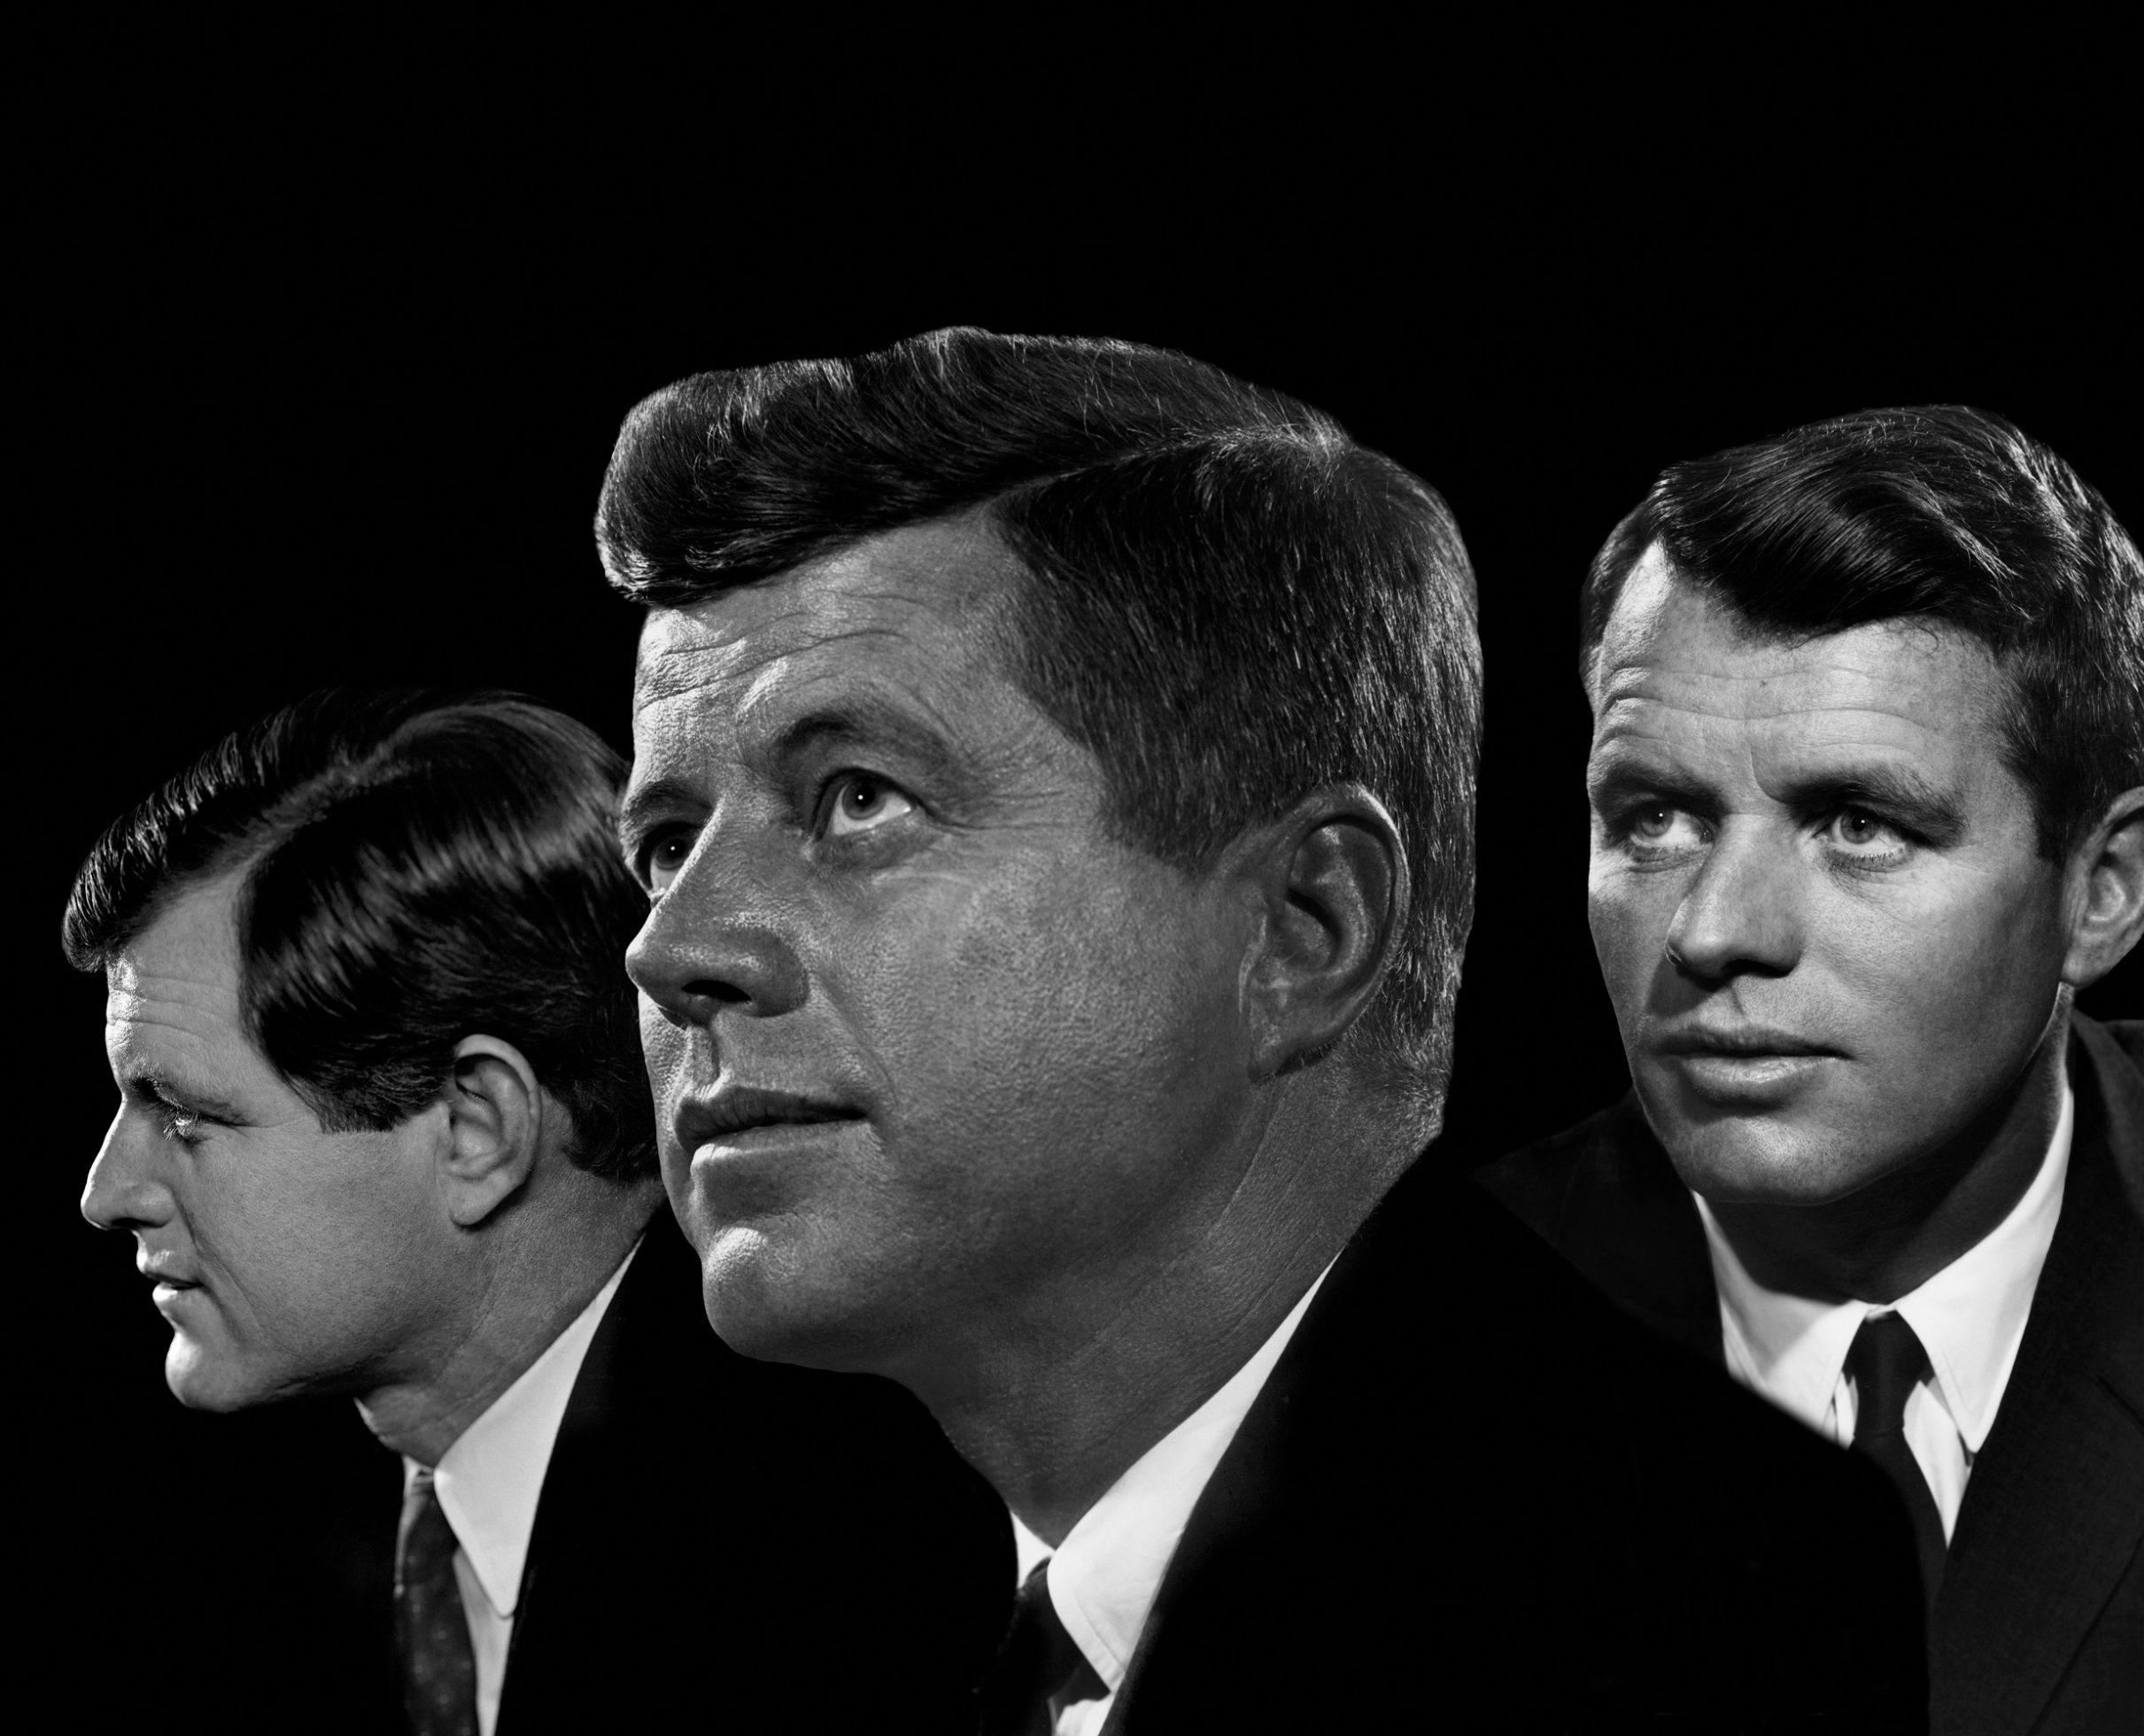 Edward Kennedy, John F. Kennedy and Robert F. Kennedy